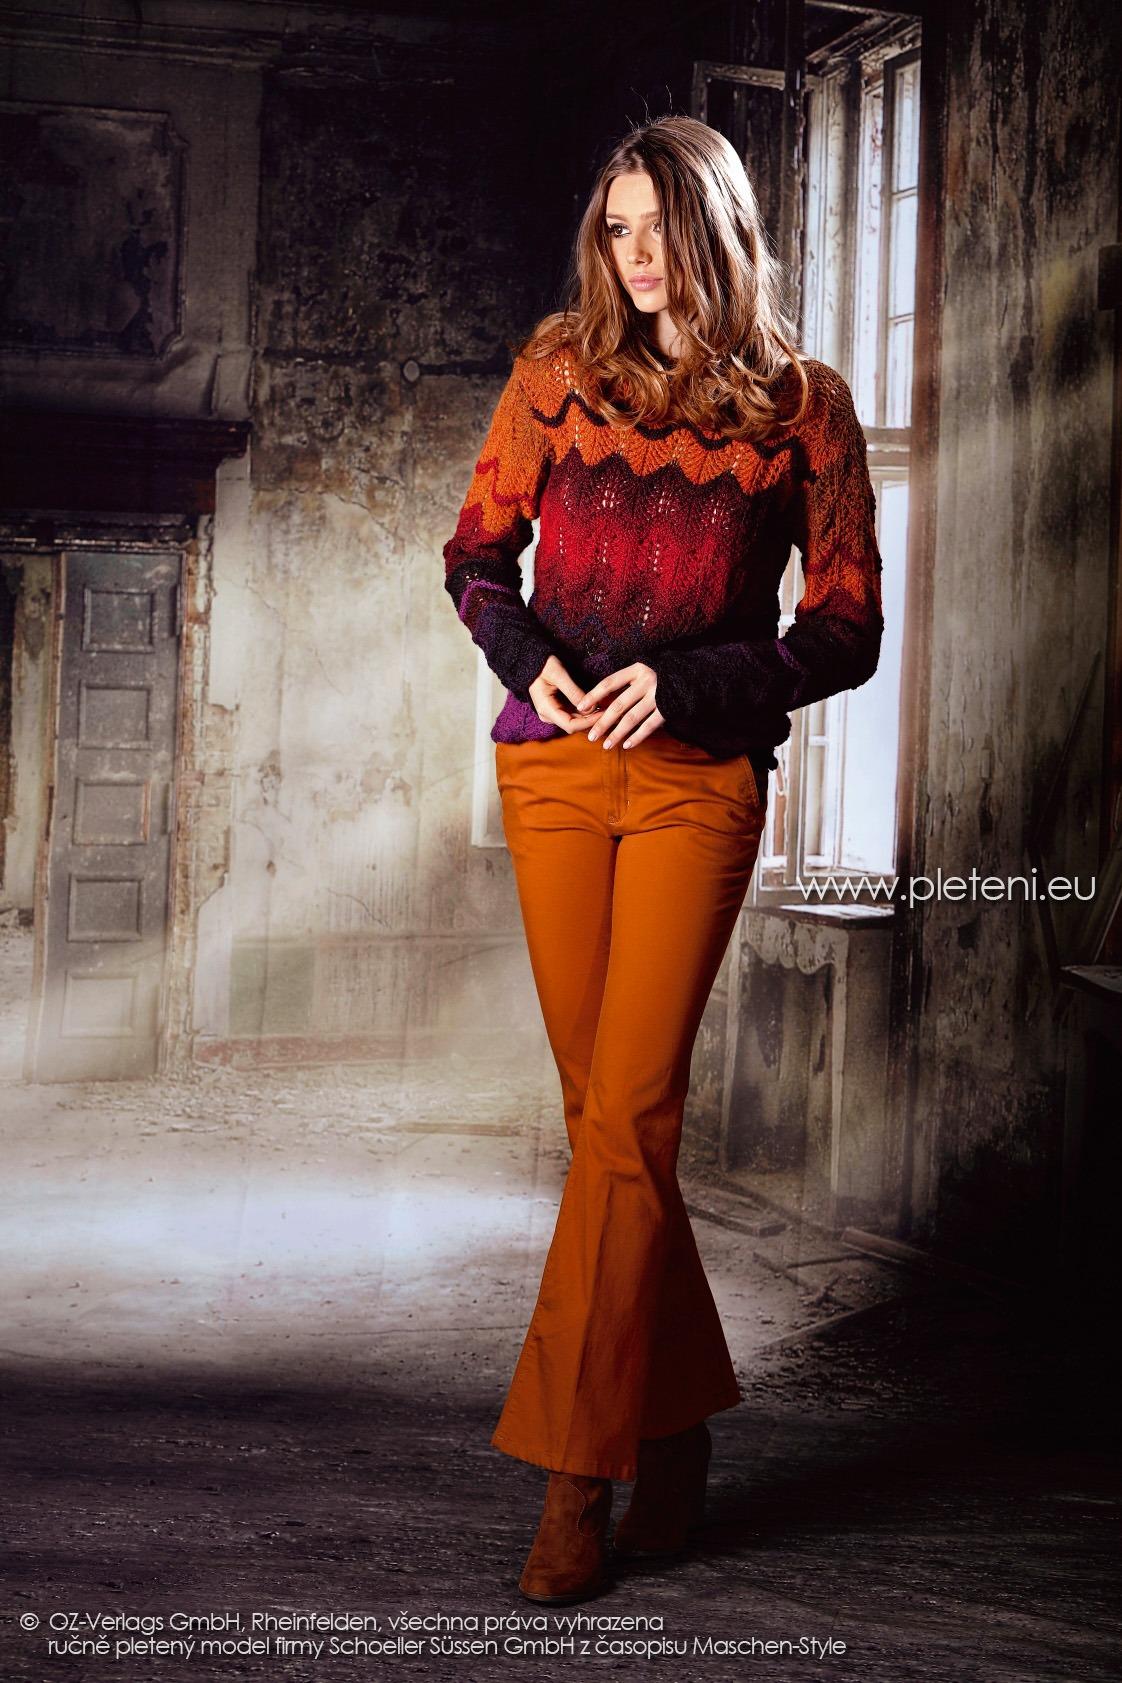 2017-2018 model 35 dámský pletený svetr z příze Ambra Color firmy Schoeller